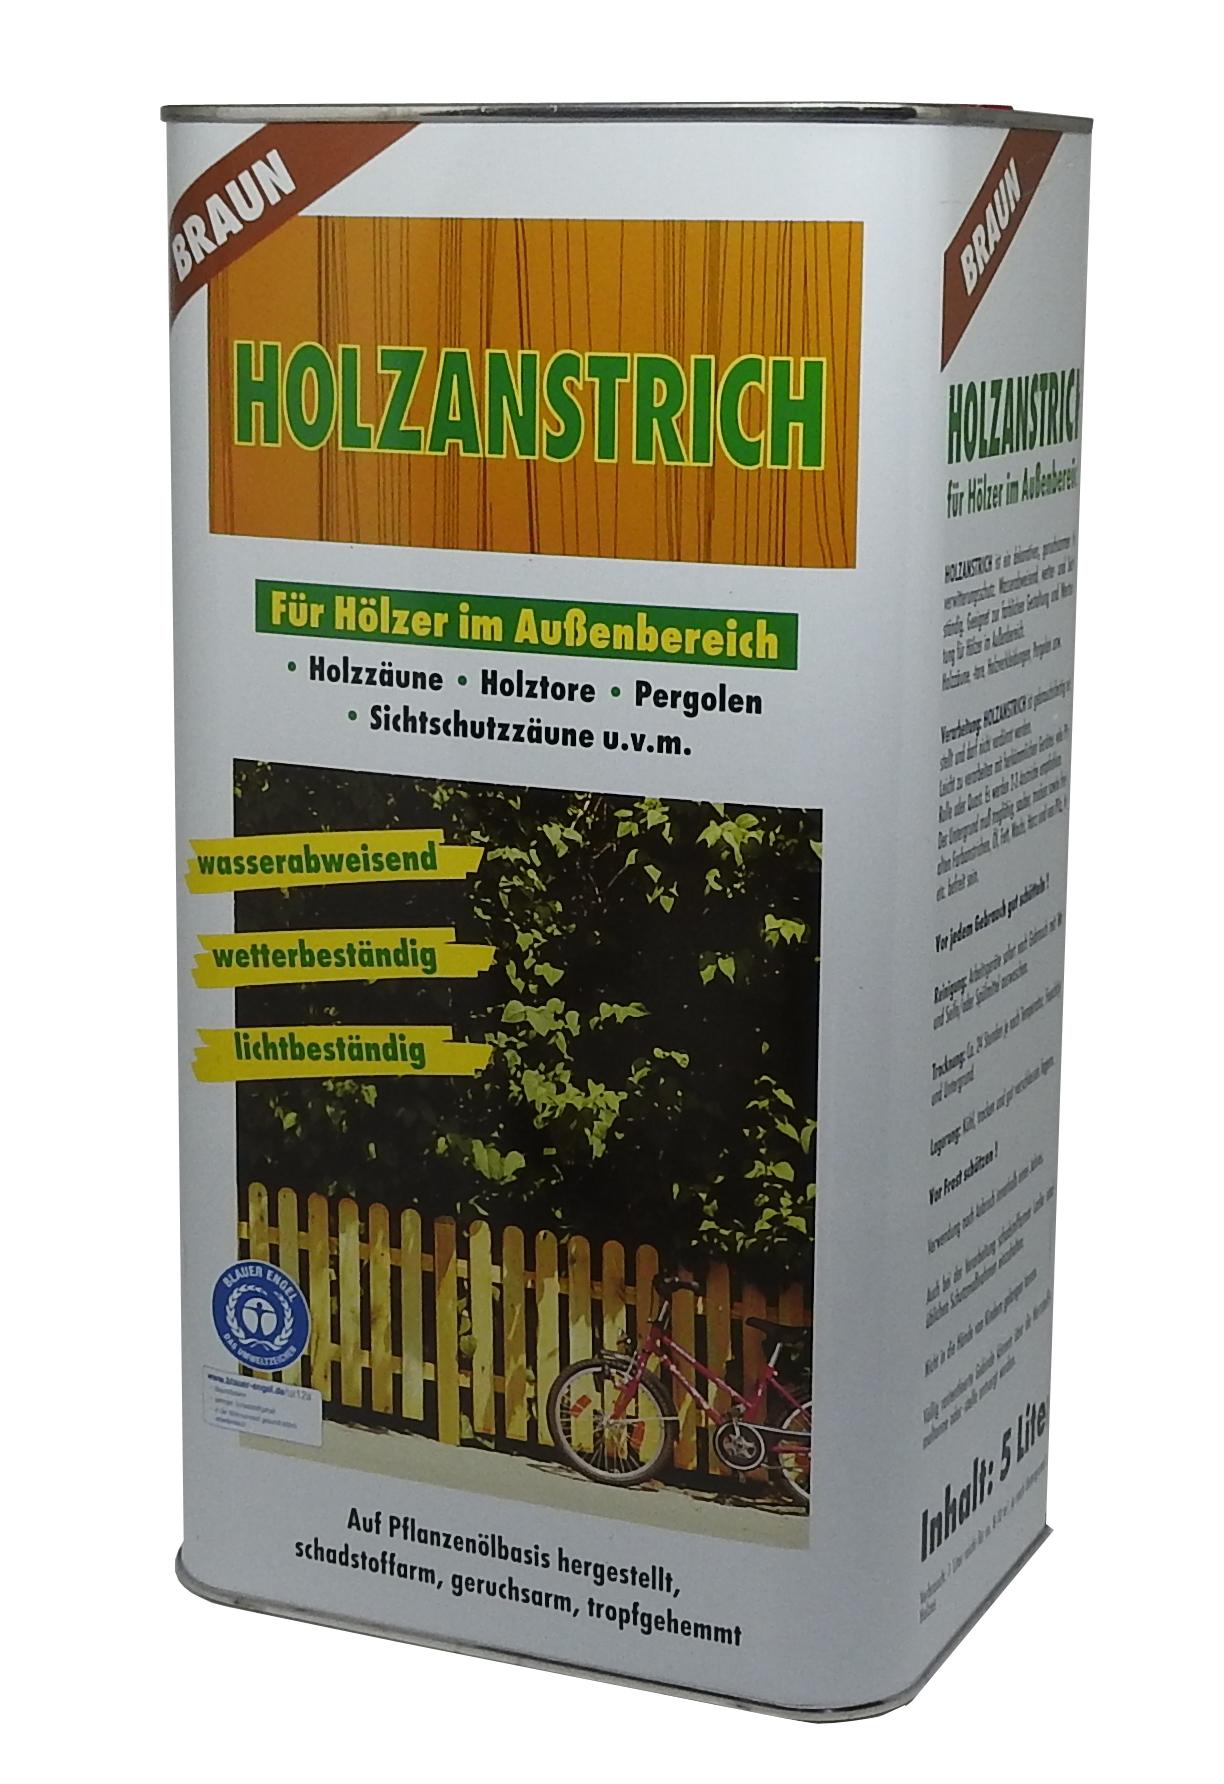 5 L Holzanstrich natürlich Pflanzenölbasis Holzschutz Farbe Lasur Wetterschutz